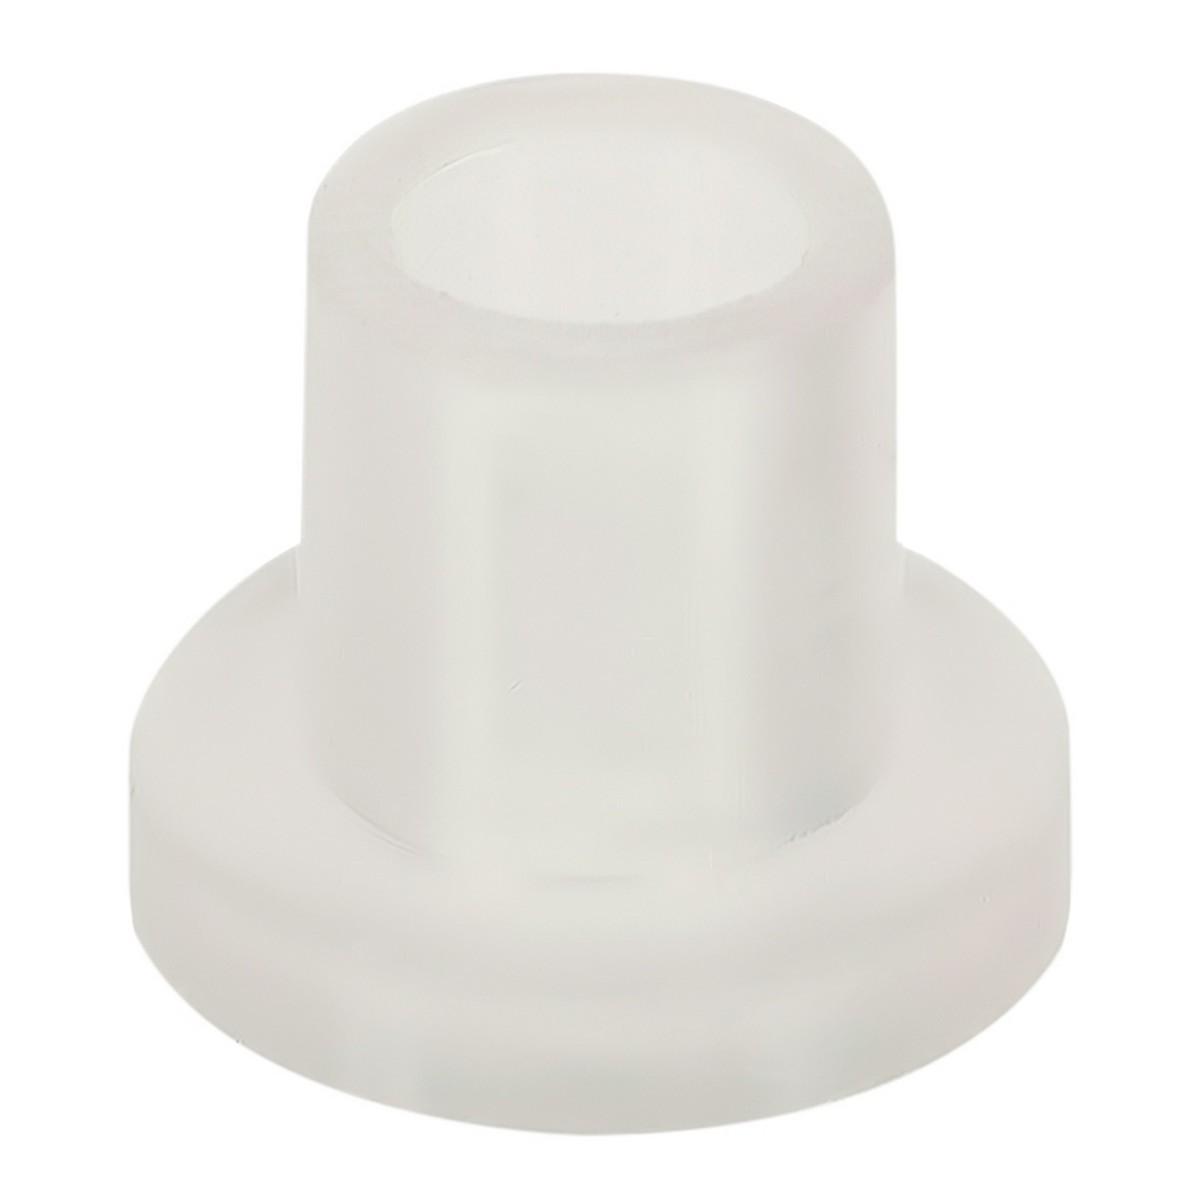 Втулка L-8 для стекла 6-8 мм пластик цвет прозрачный 8 шт.